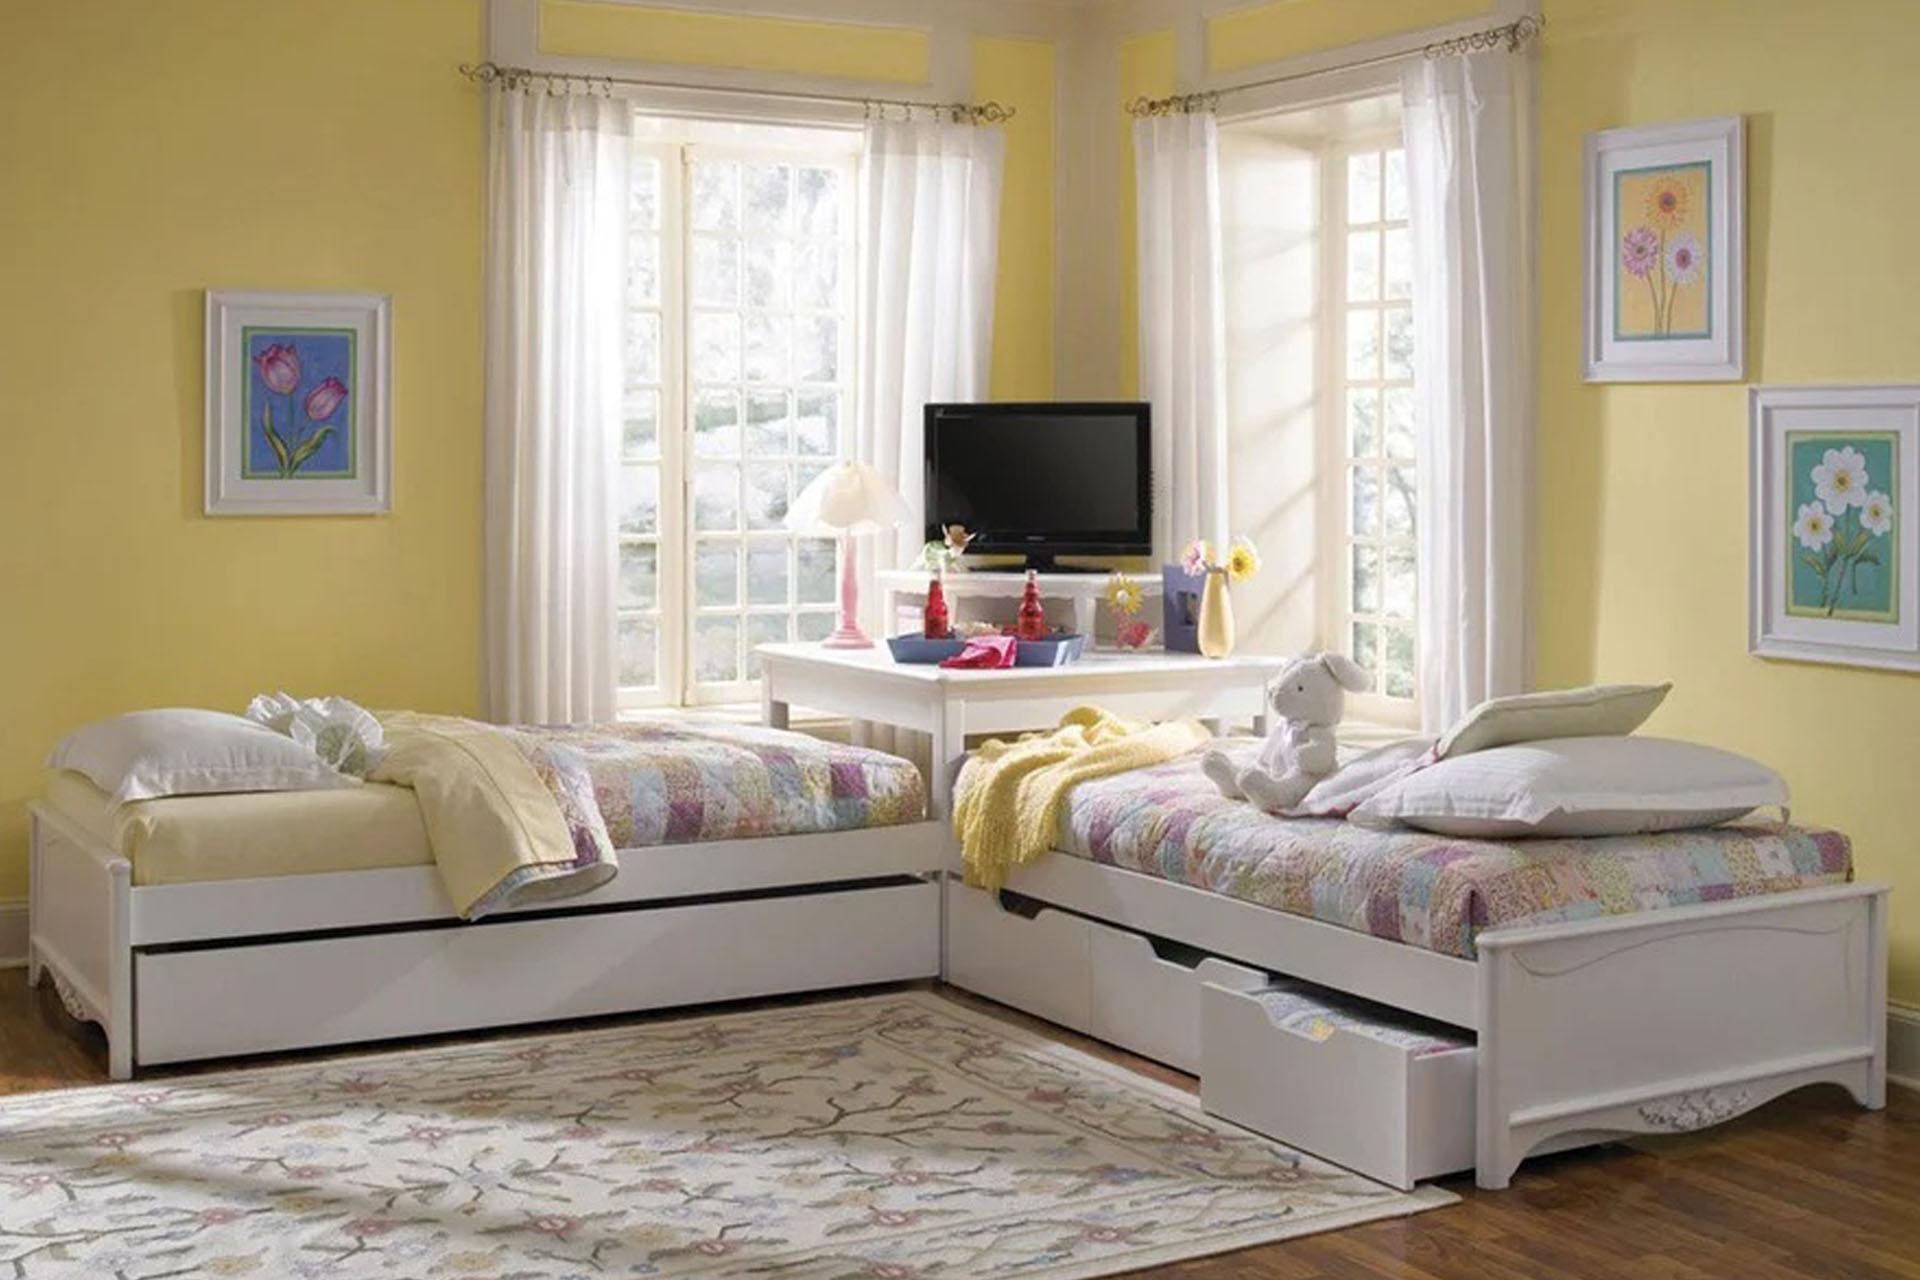 Kê 2 giường trong phòng ngủ theo góc